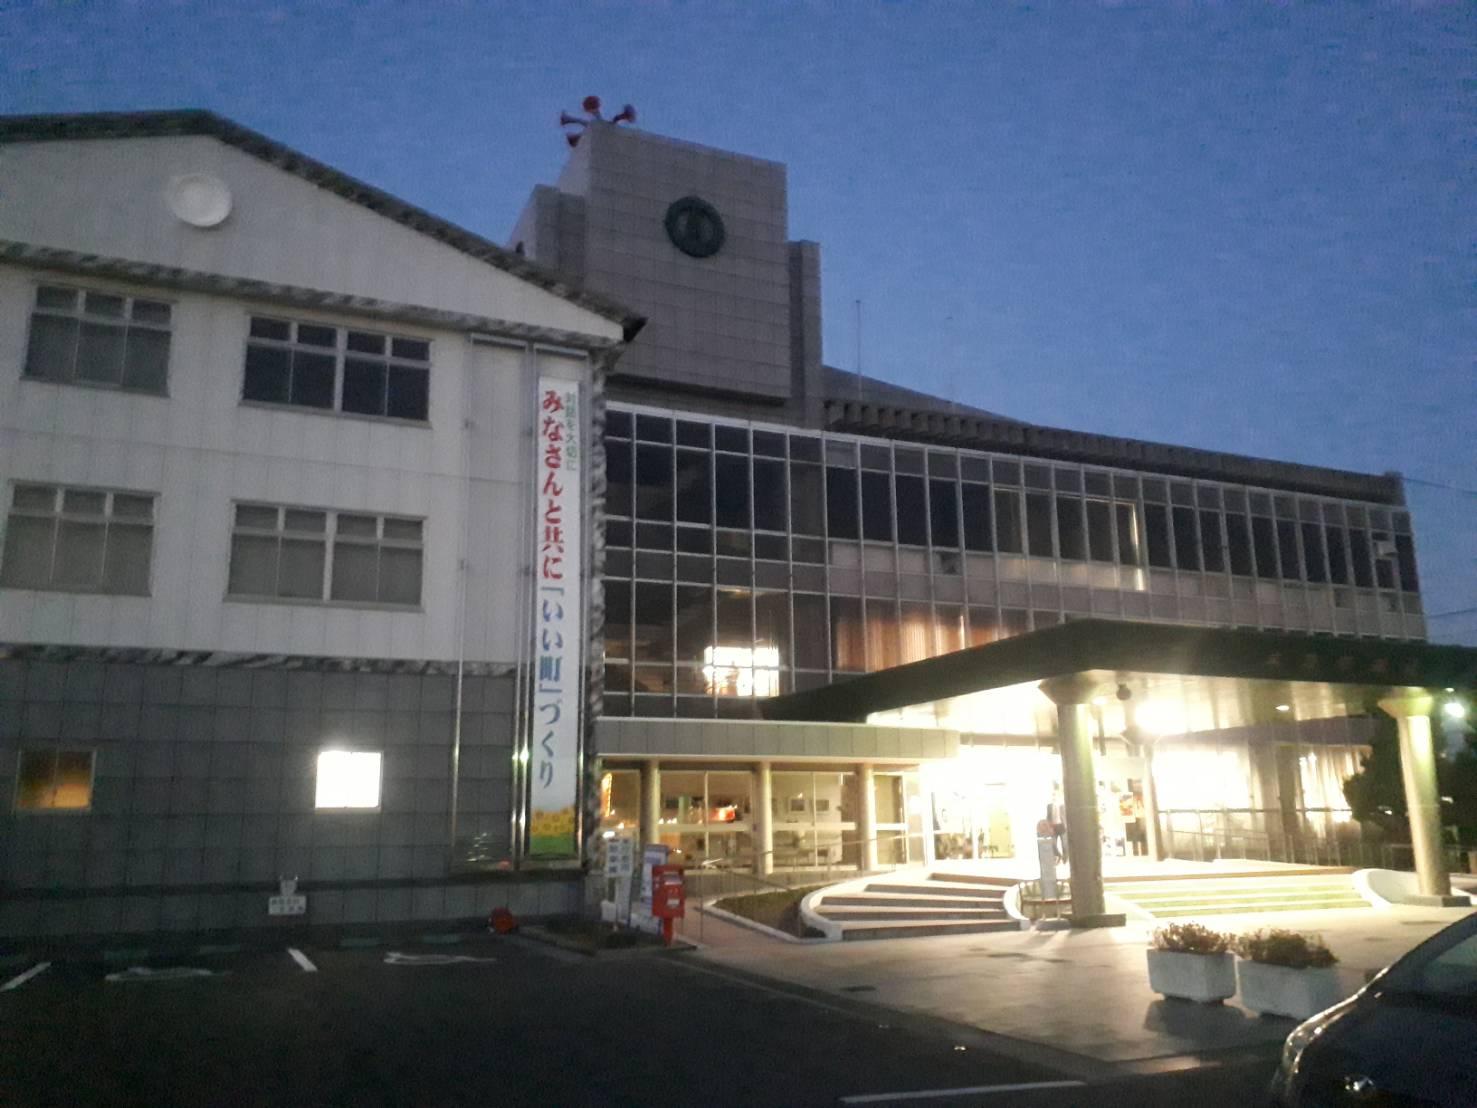 第17回中小企業・小規模事業振興基本条例の勉強会-奈良・広陵町